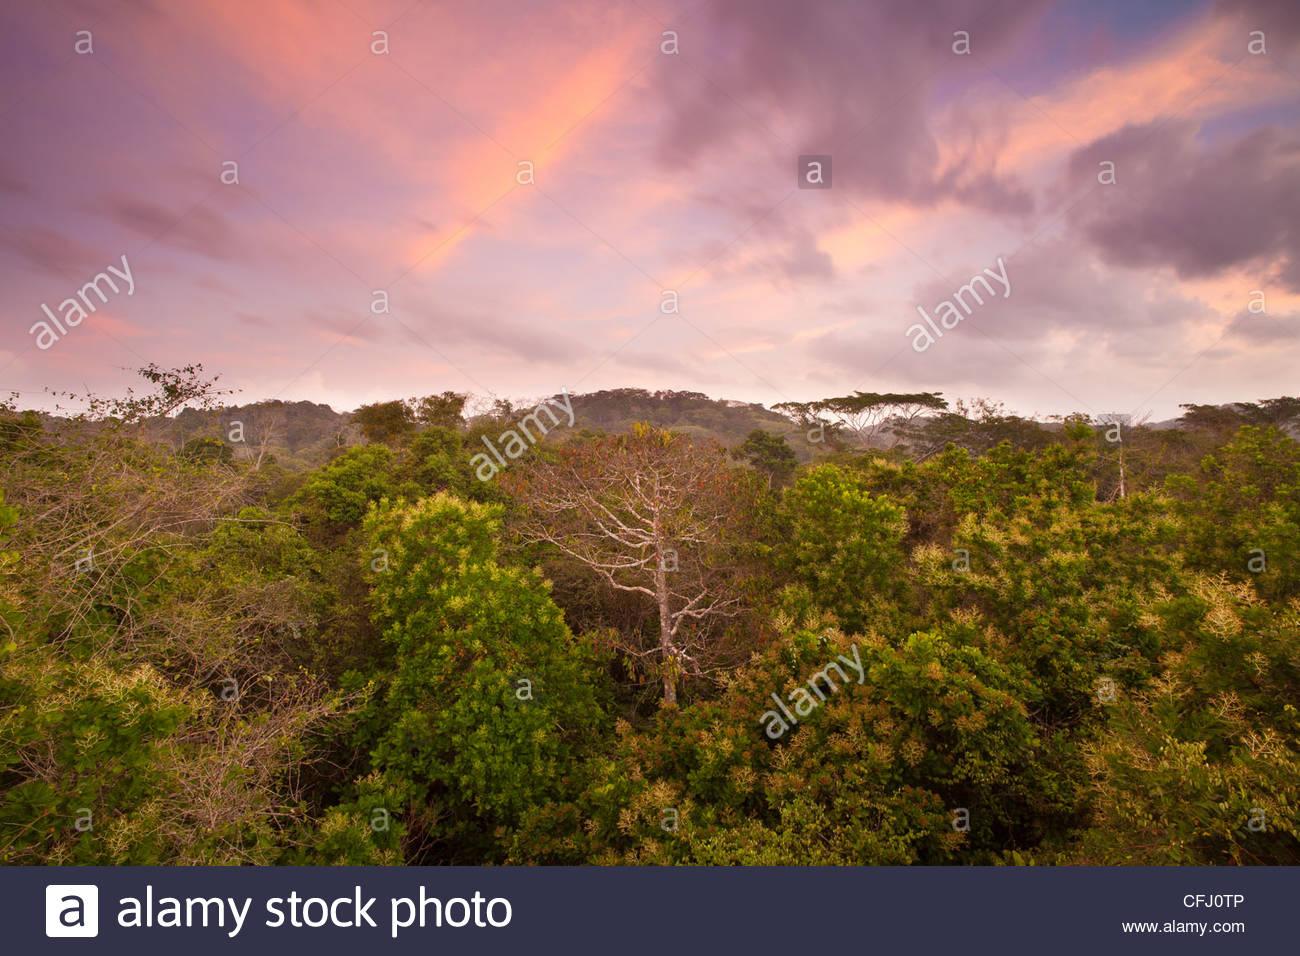 Muy temprano en la mañana en la selva del Parque nacional Soberanía, República de Panamá. Foto de stock